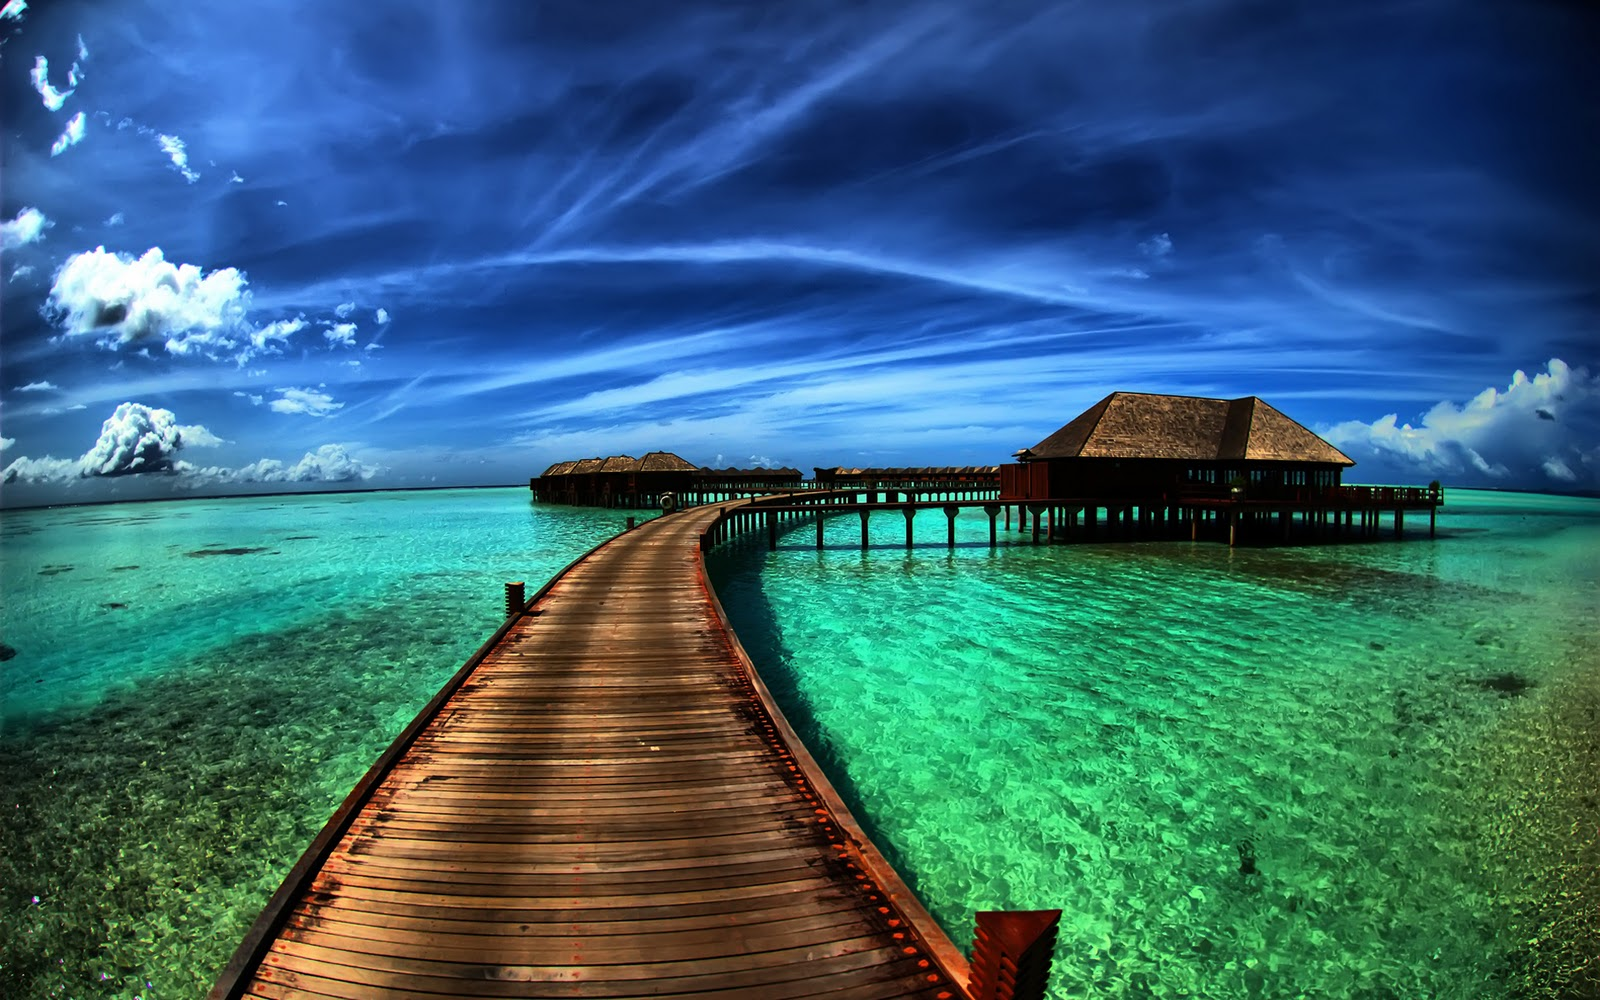 http://4.bp.blogspot.com/_fGfxzT8Q-4U/TBXpkHl44eI/AAAAAAAAAnc/KmOcQ5aBq5U/s1600/naturebyabhishekultimatj.jpg